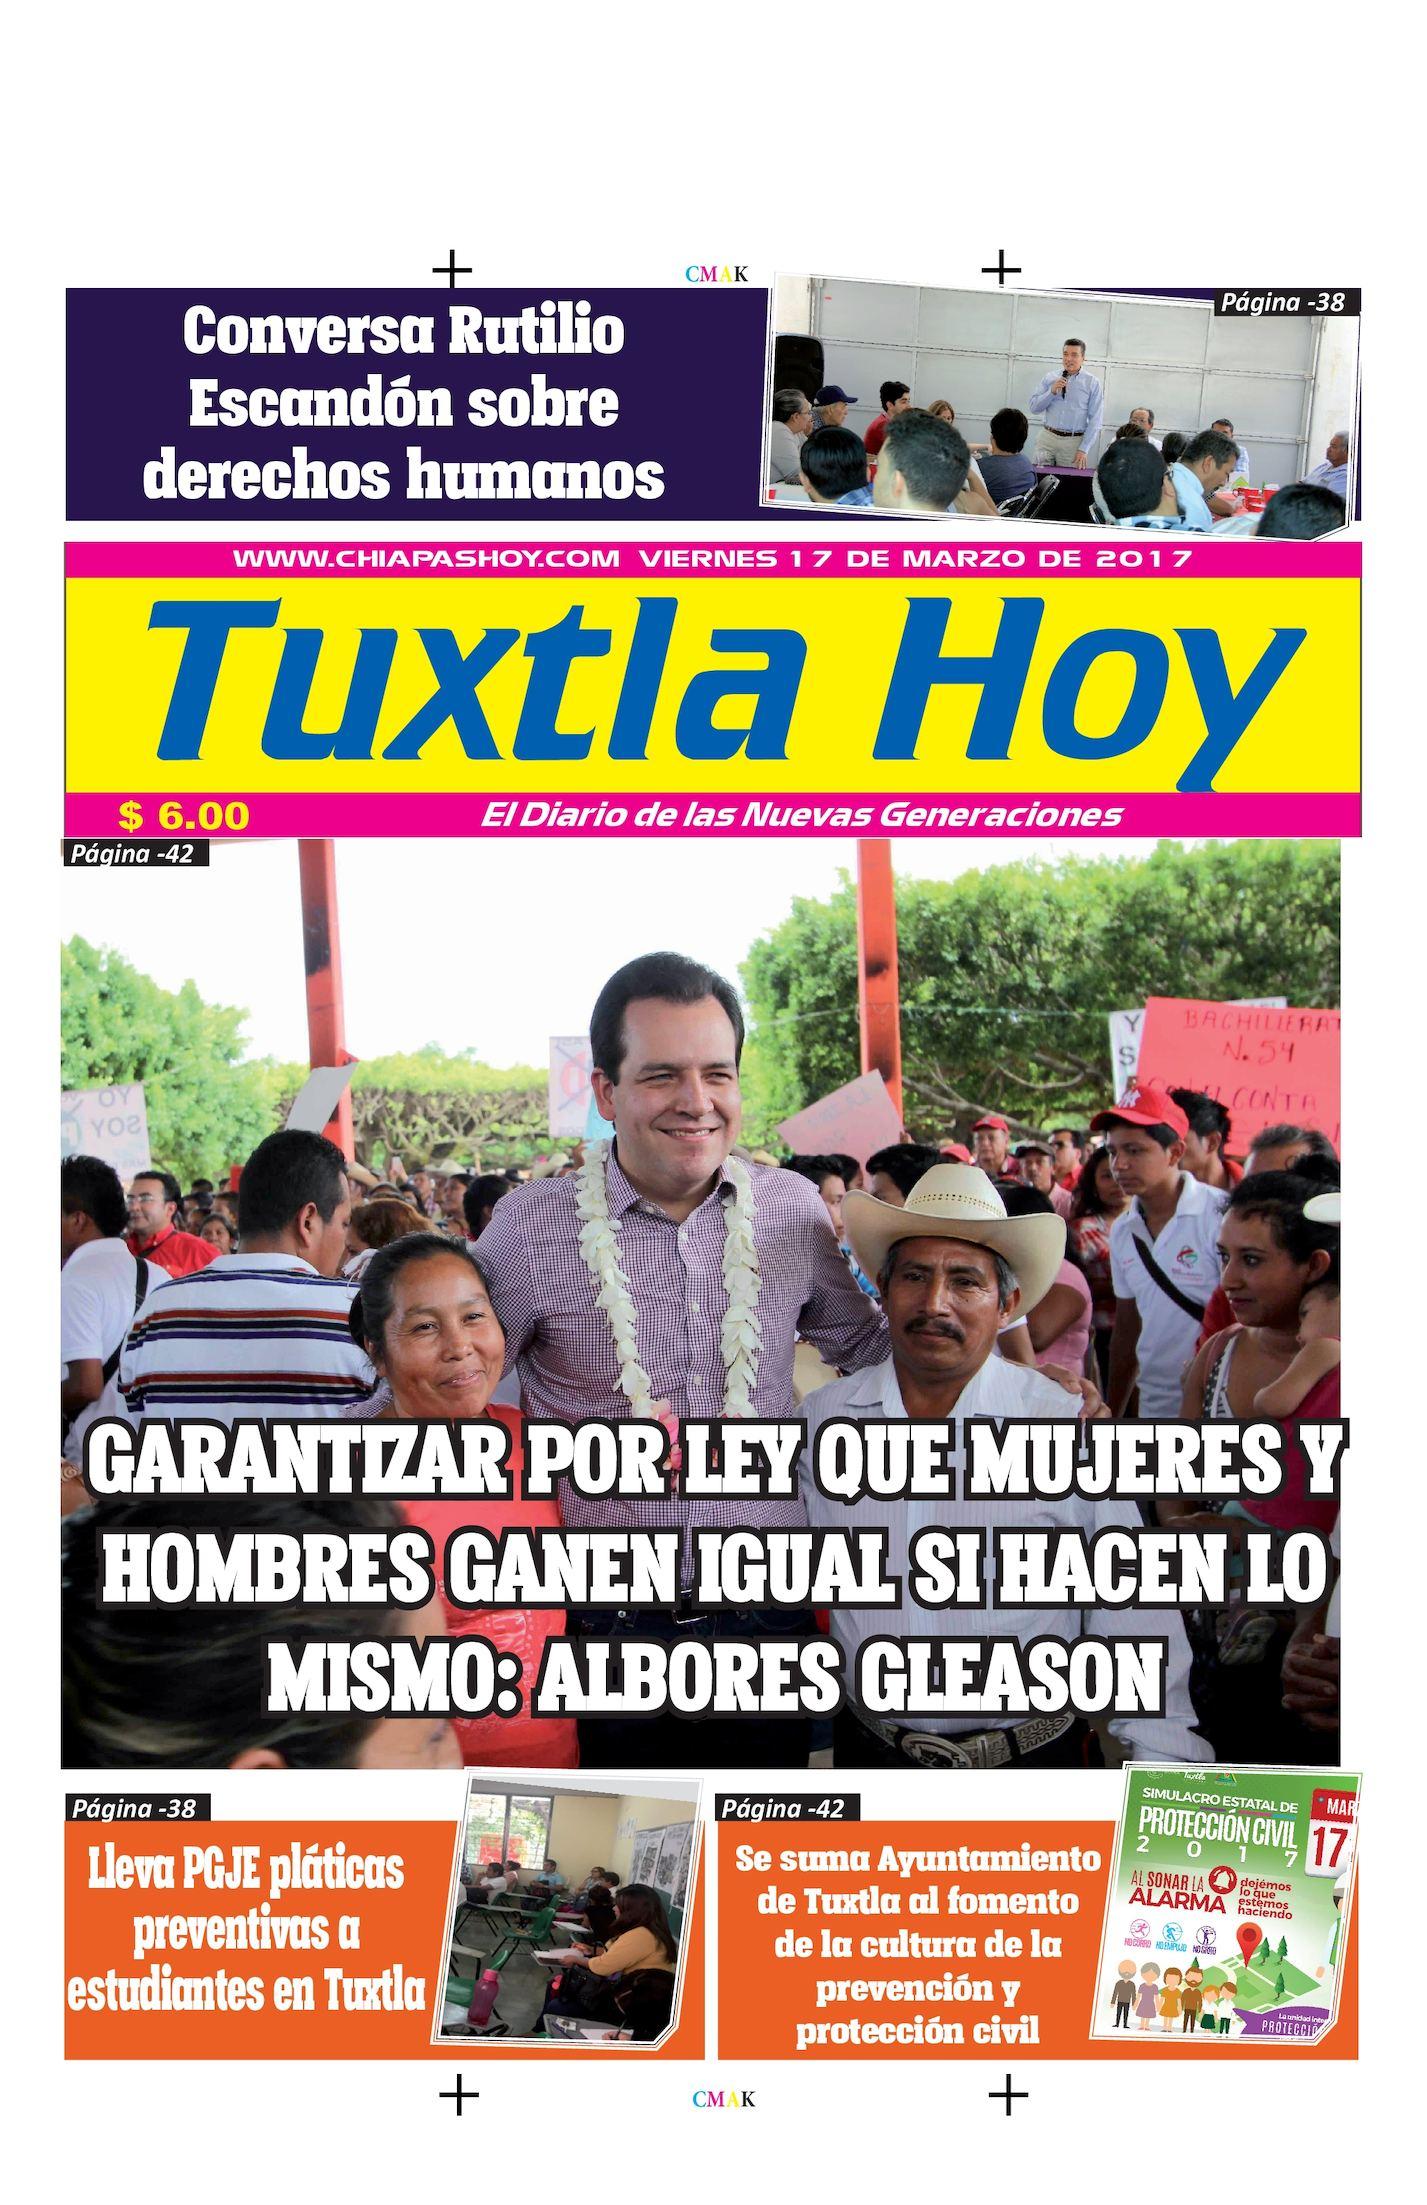 Tuxtla Hoy Viernes 17 de Marzo